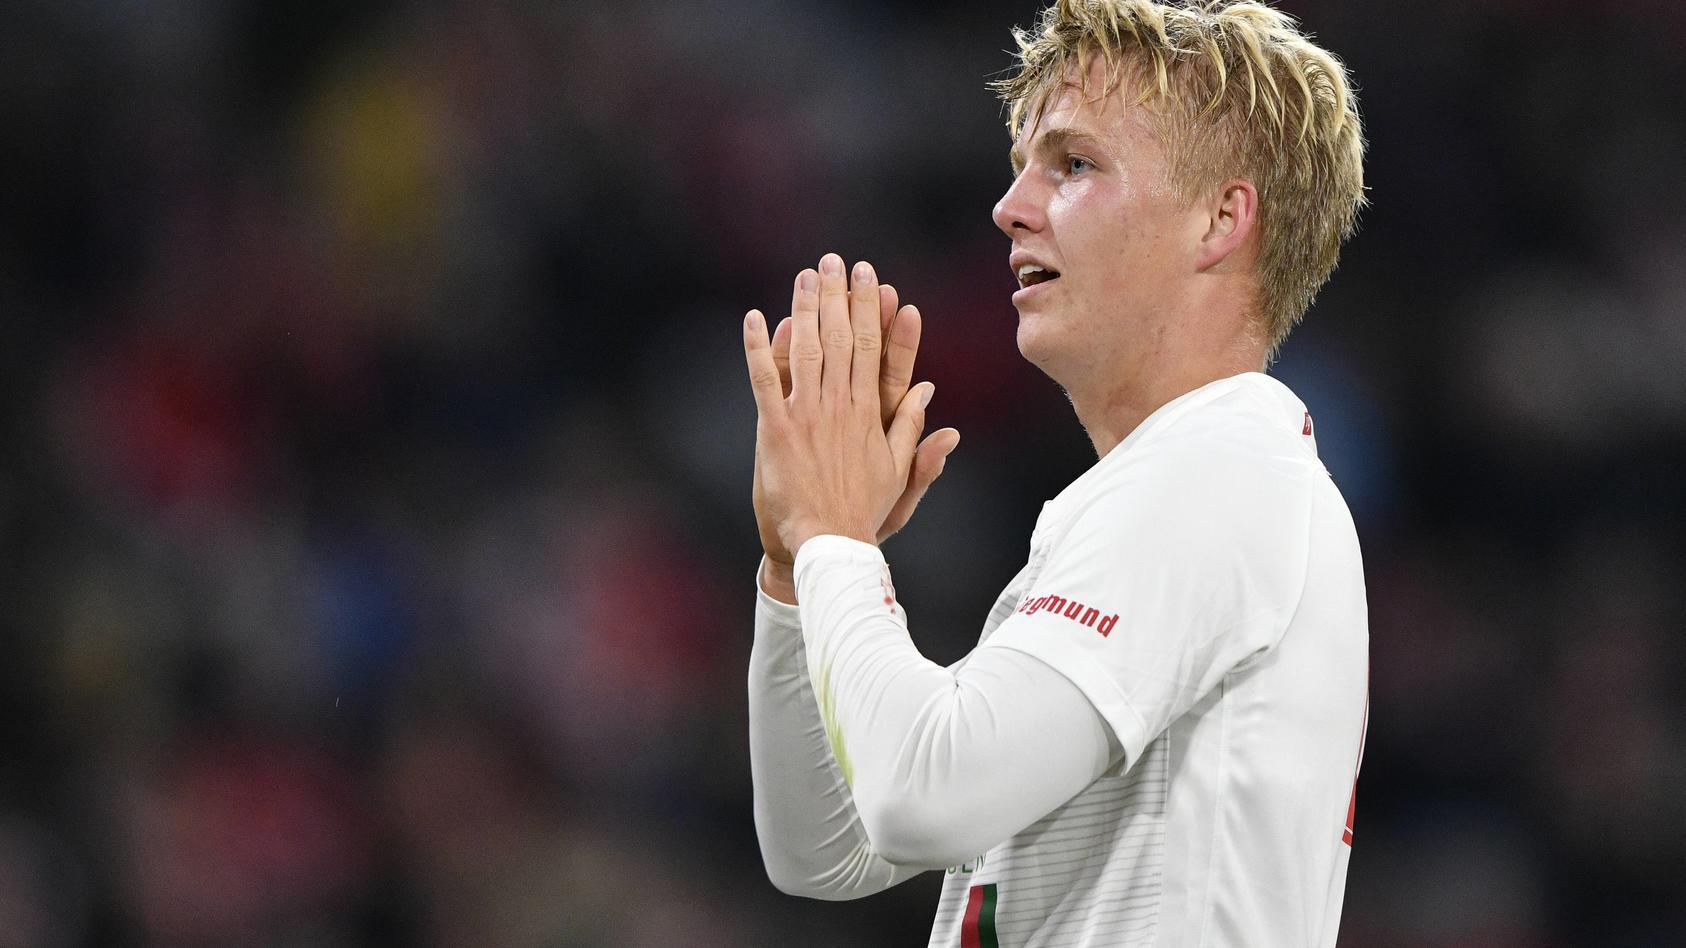 Felix Götze erzielte für den FC Augsburg und gegen den FC Bayern sein erstes Bundesliga-Tor